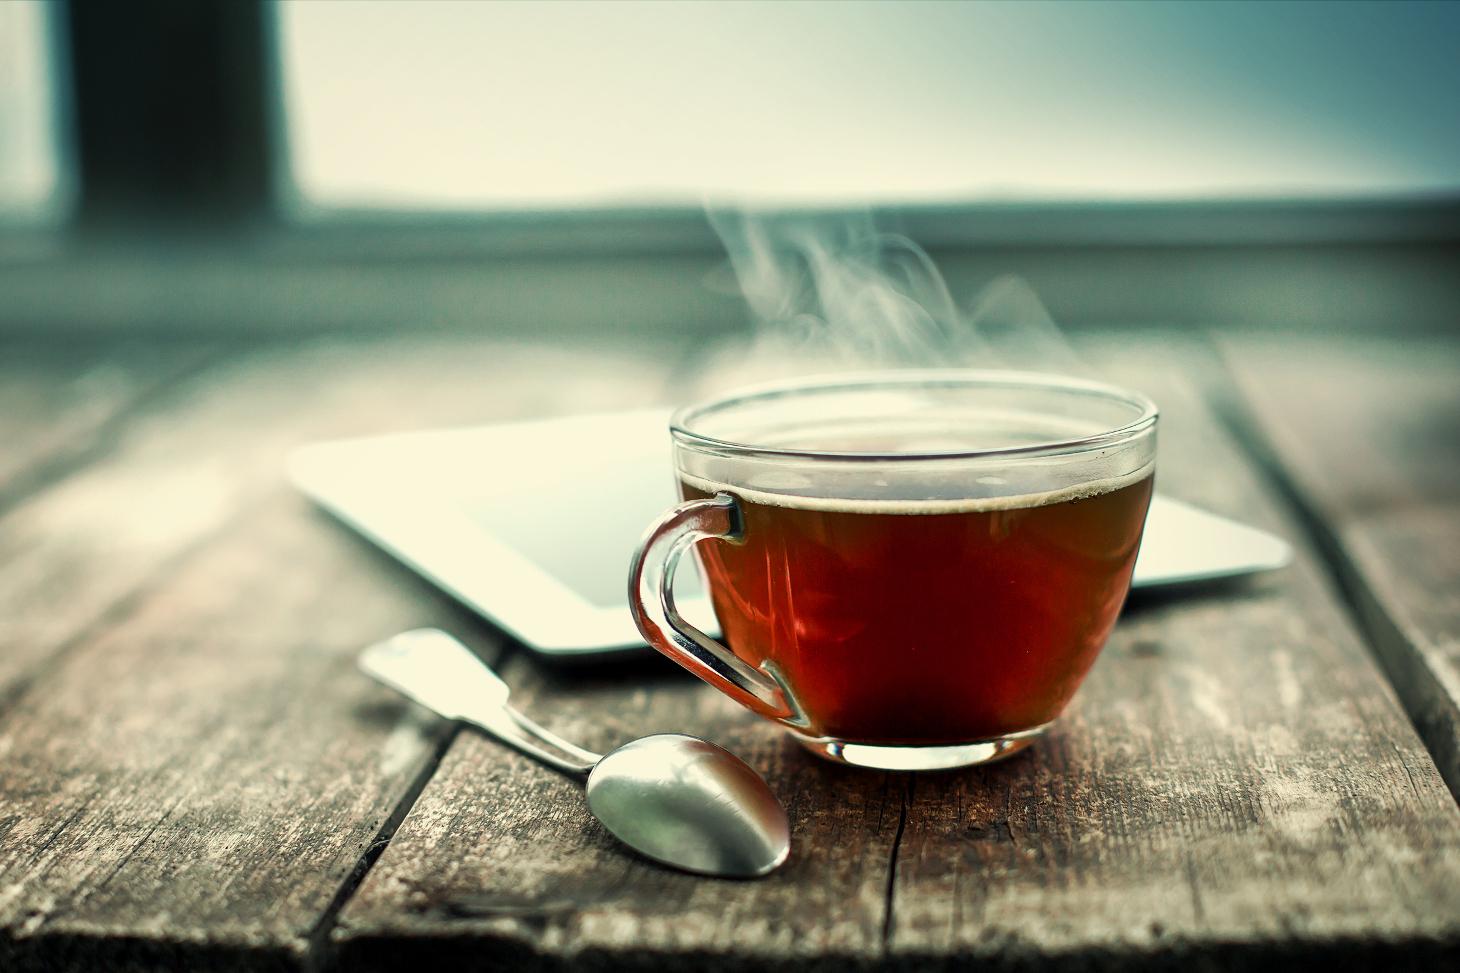 Comment faire pour profiter pleinement des antioxydants présents dans le thé ?